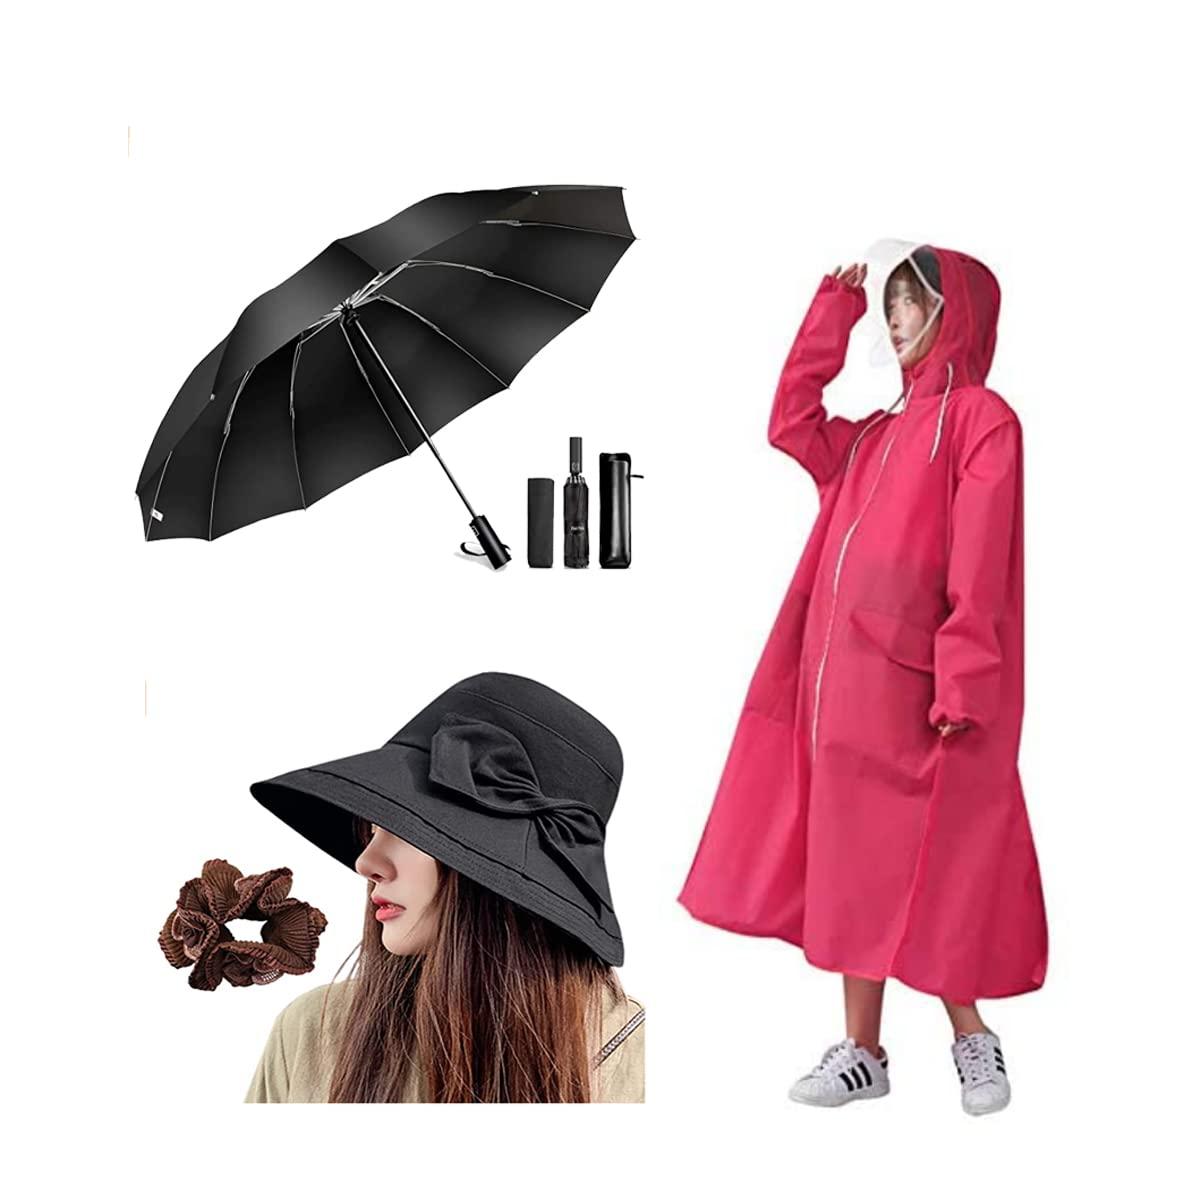 帽子・ベルト他 ファッション小物がお買い得#2; セール価格: ¥1,584 - ¥2,144